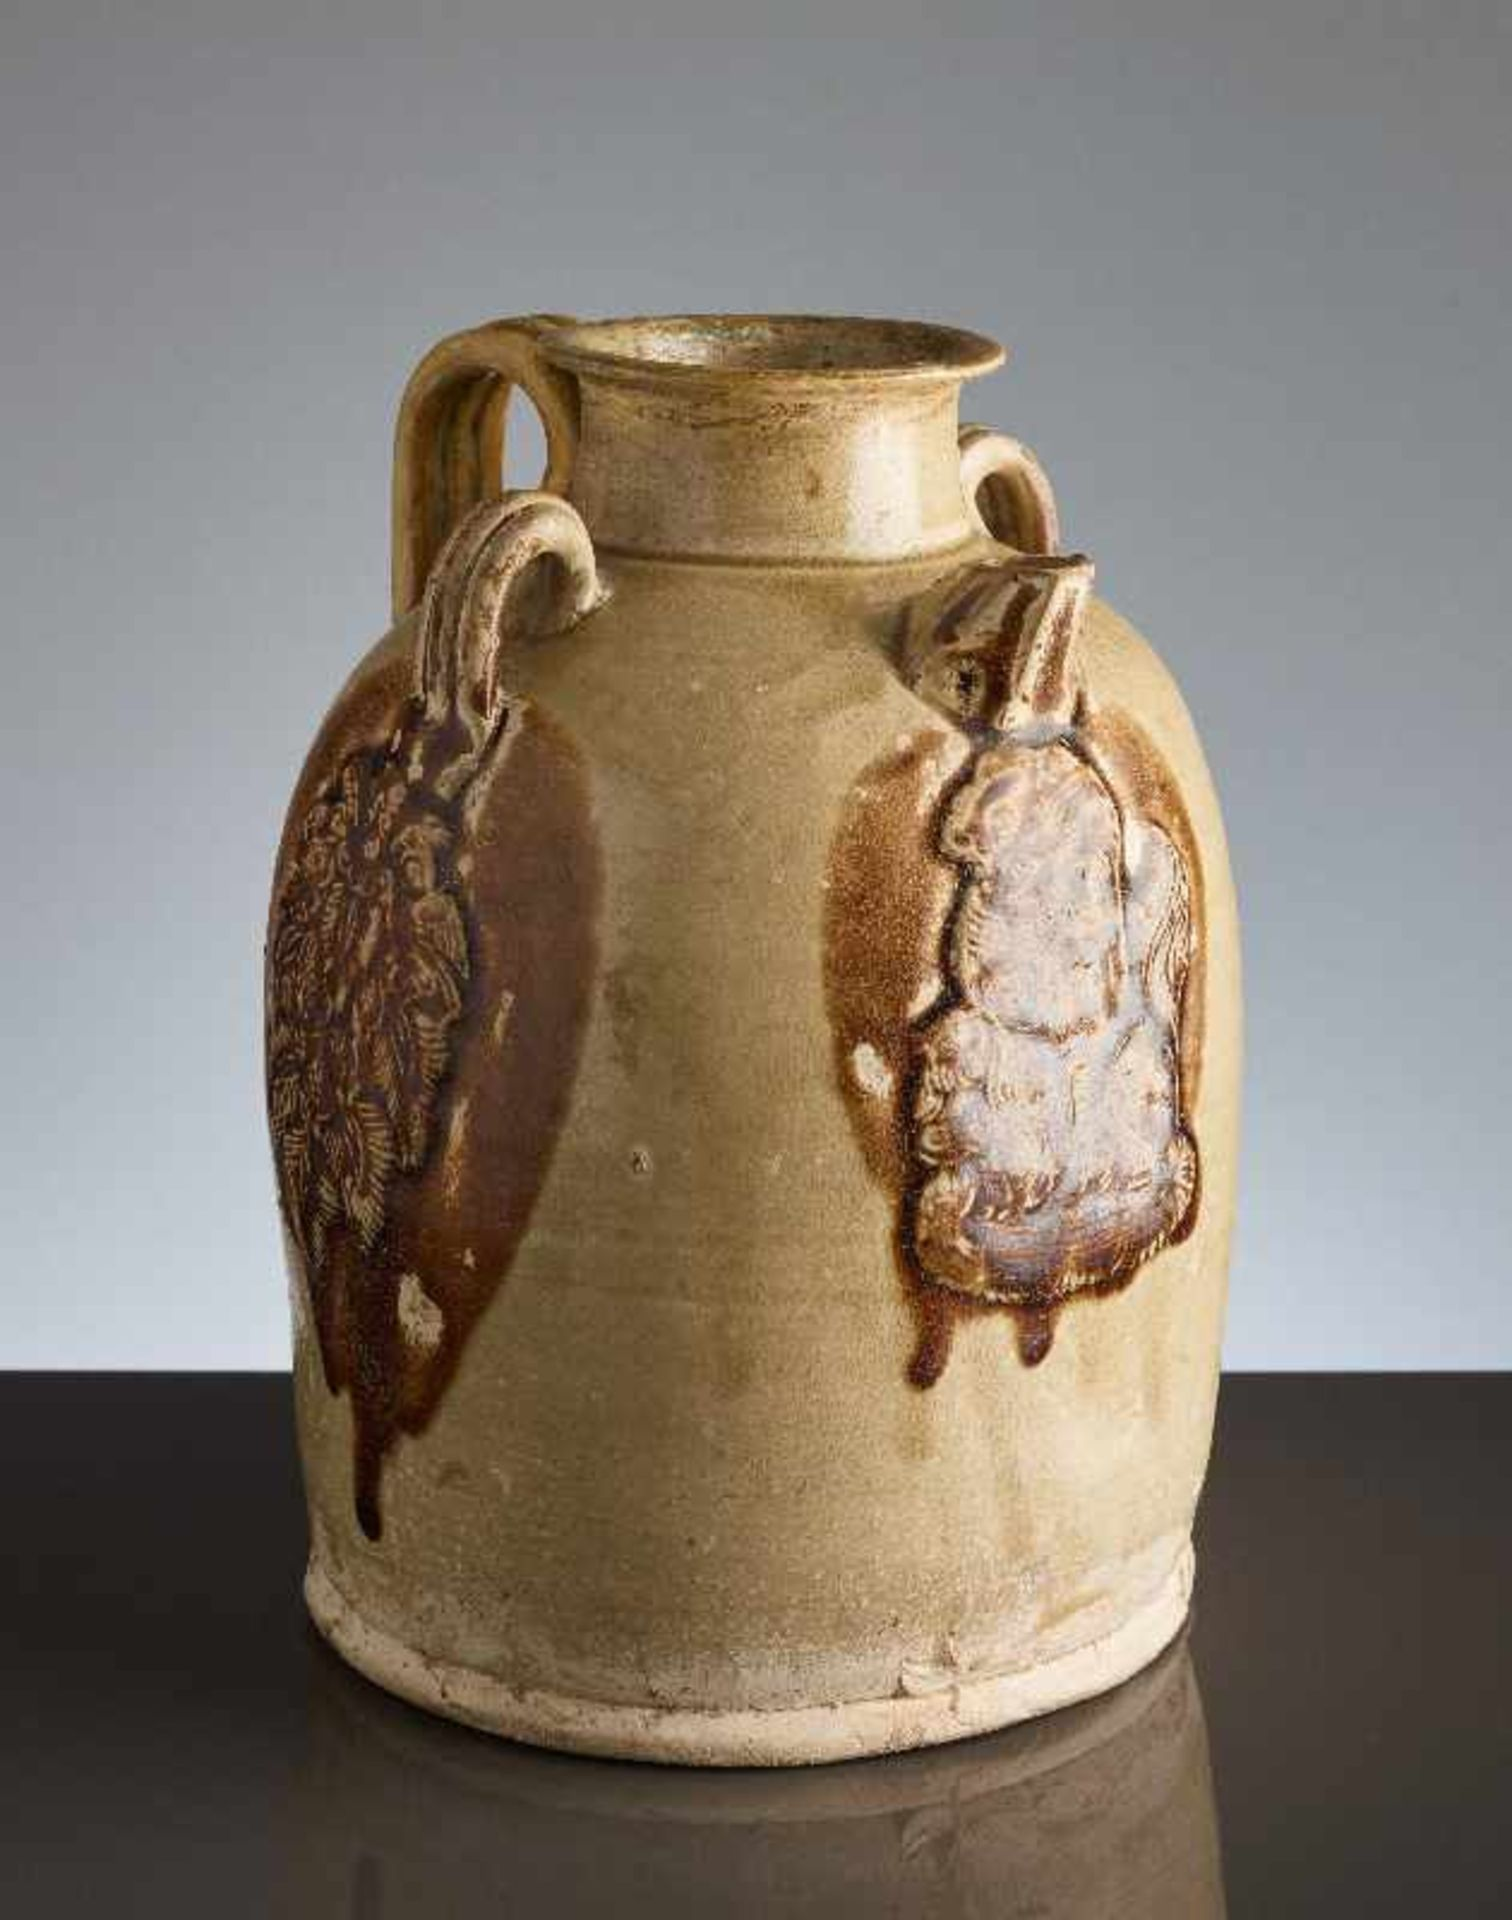 HENKELKANNE MIT RELIEFDEKORGlasierte Keramik. China, Tang, ca. 8. bis 9. Jh. Typische Changsha- - Image 5 of 8